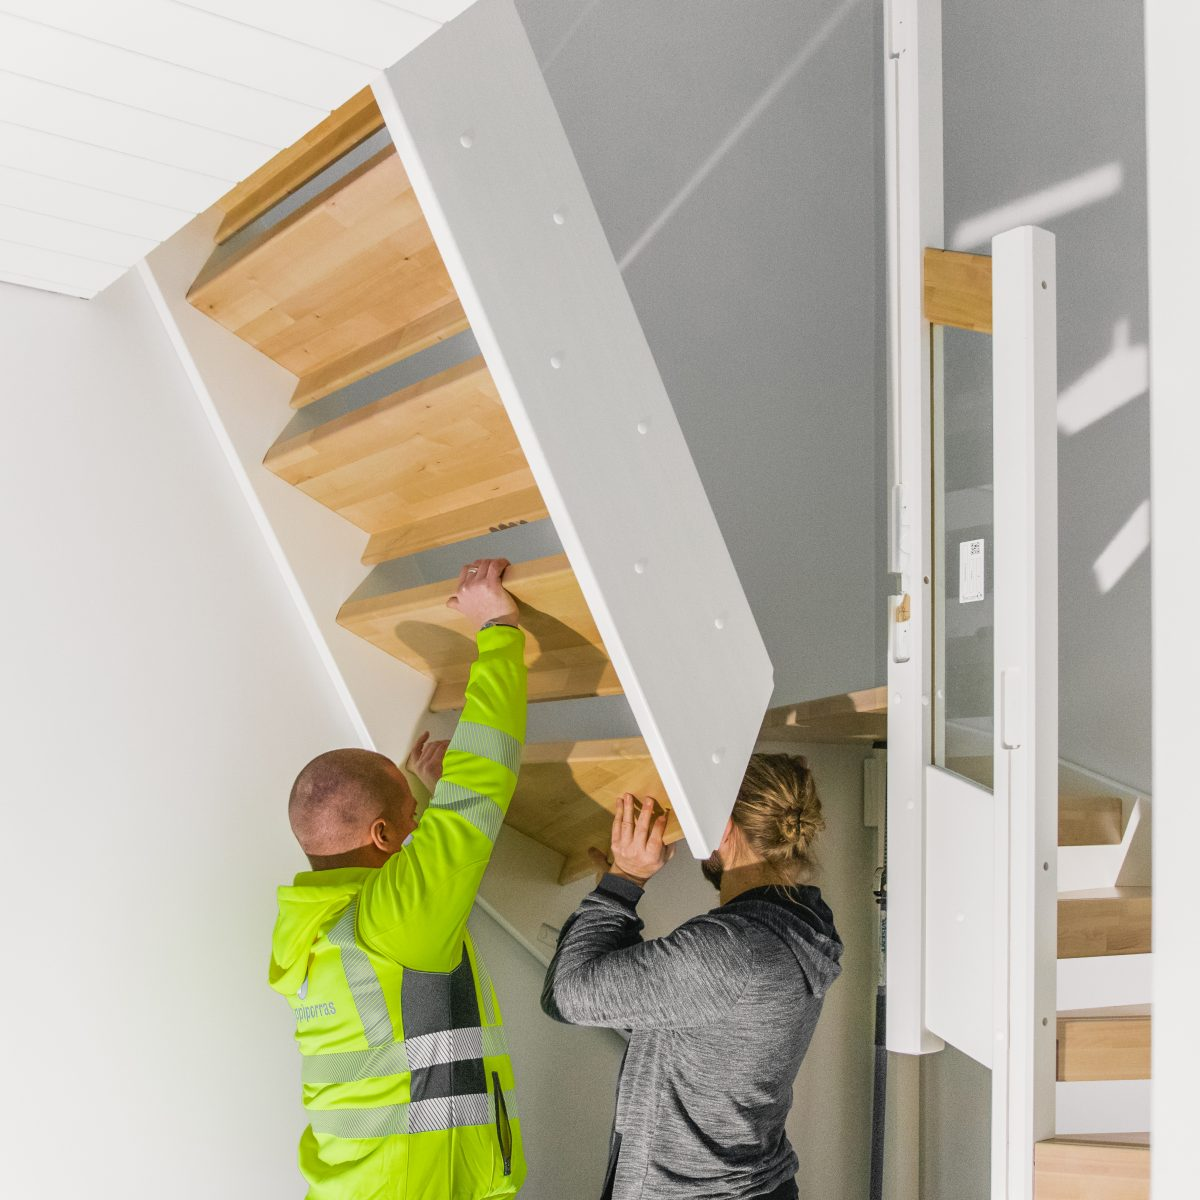 Kuva kahdesta henkilöstä asentamassa Lappiportaan portaita